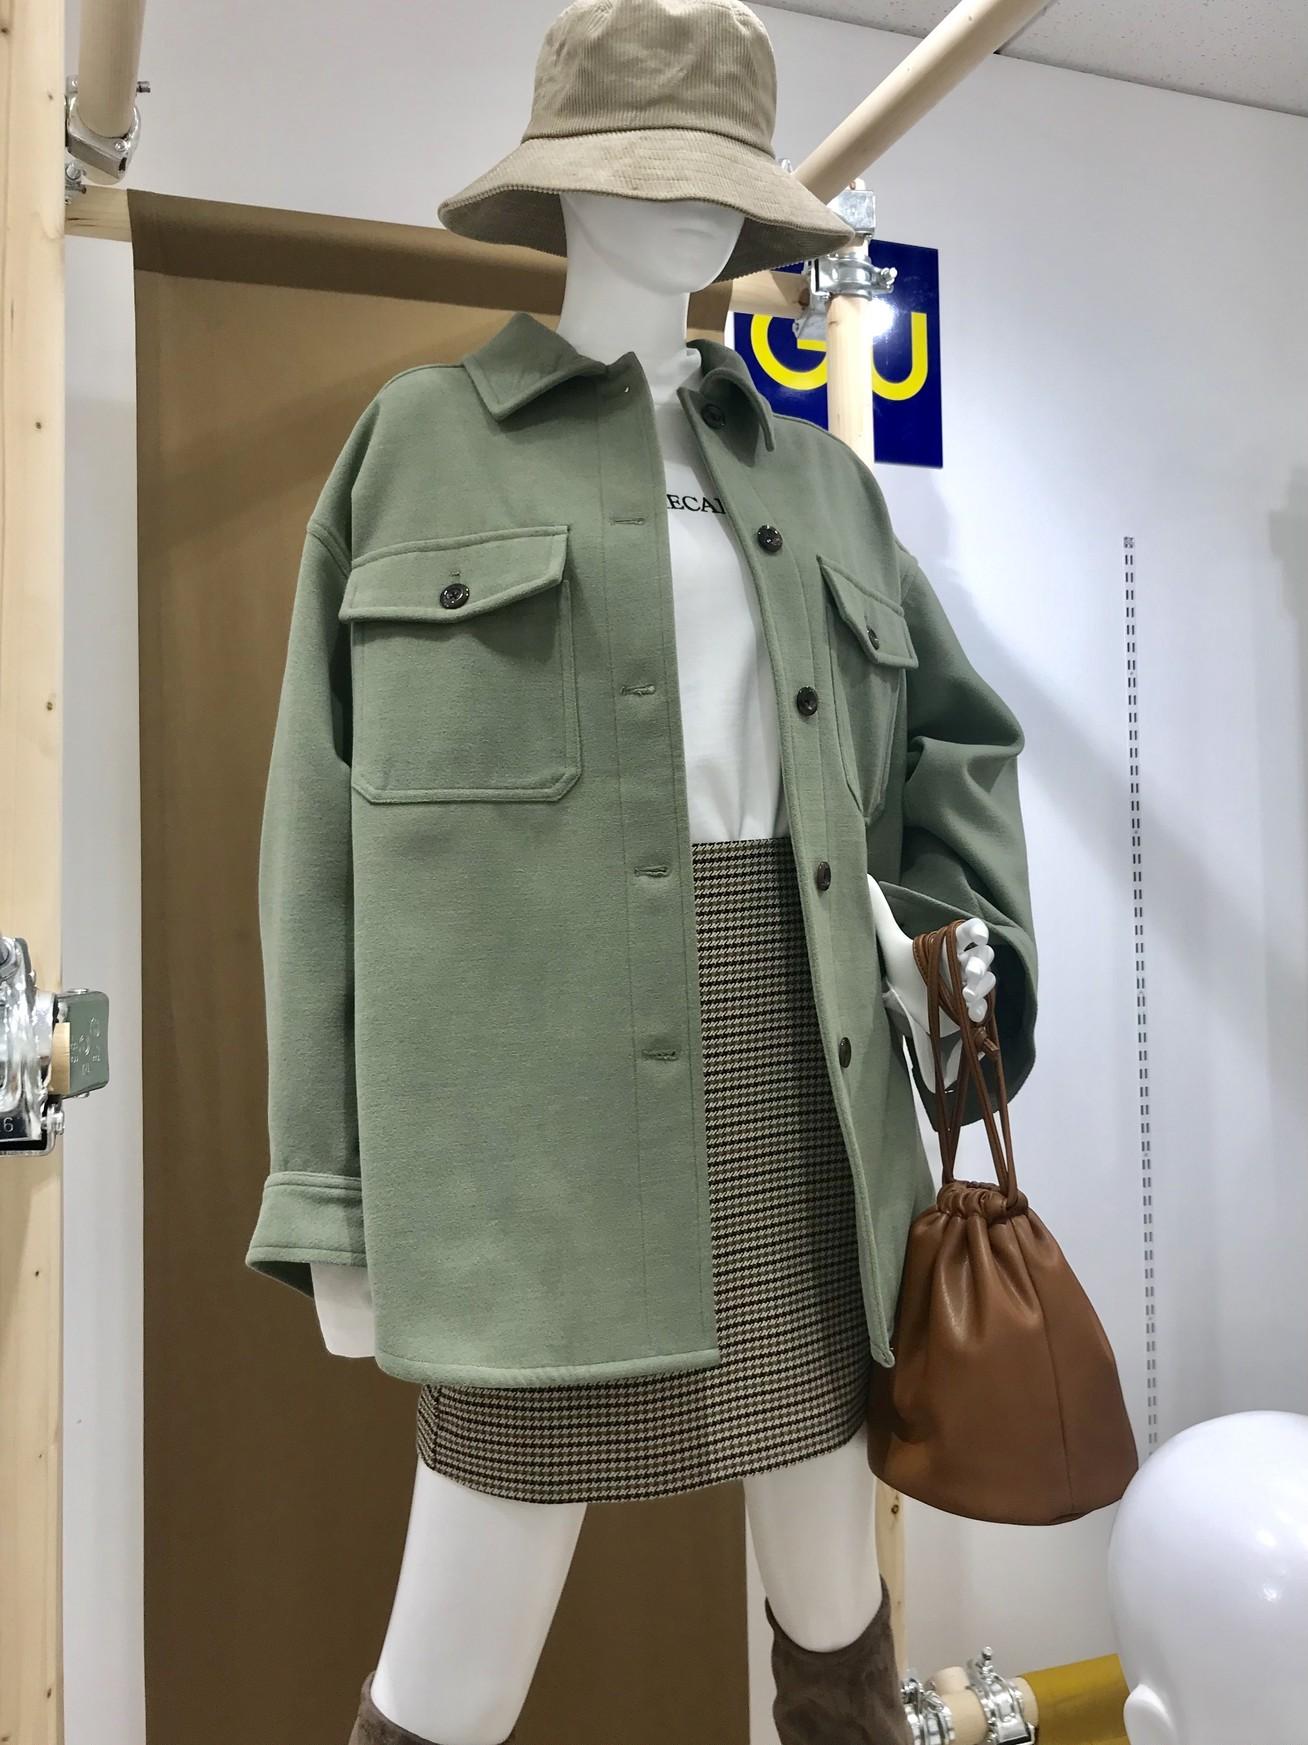 2019秋→冬は中間ライトアウターを買え【GU(ジーユー)】のCPOジャケットで30代女子があか抜けるコーデのコツ_2_1